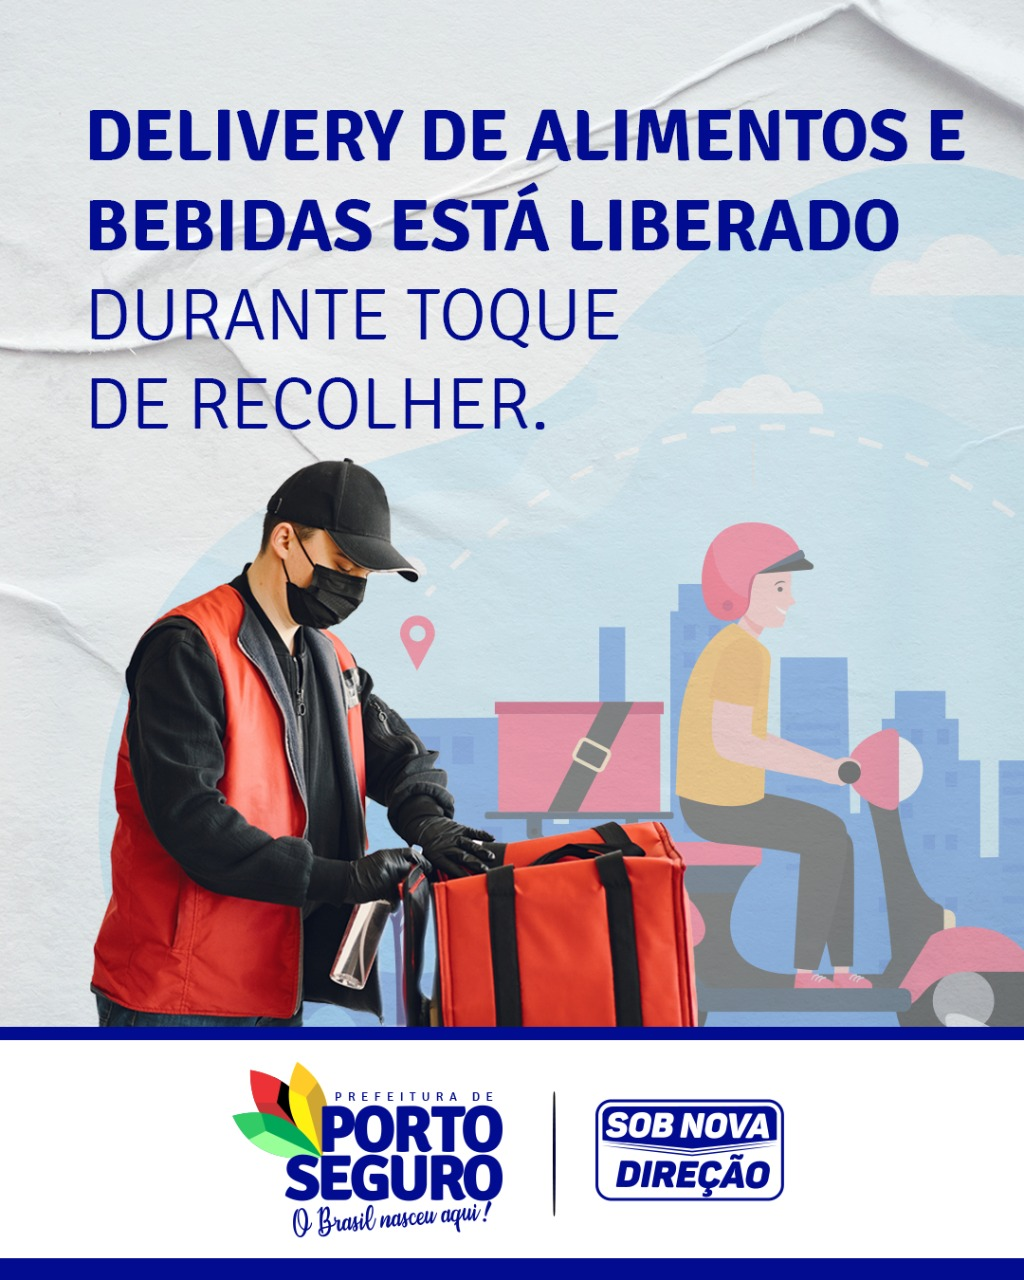 Porto Seguro: Delivery de alimentos e bebidas está liberado durante toque de recolher 18